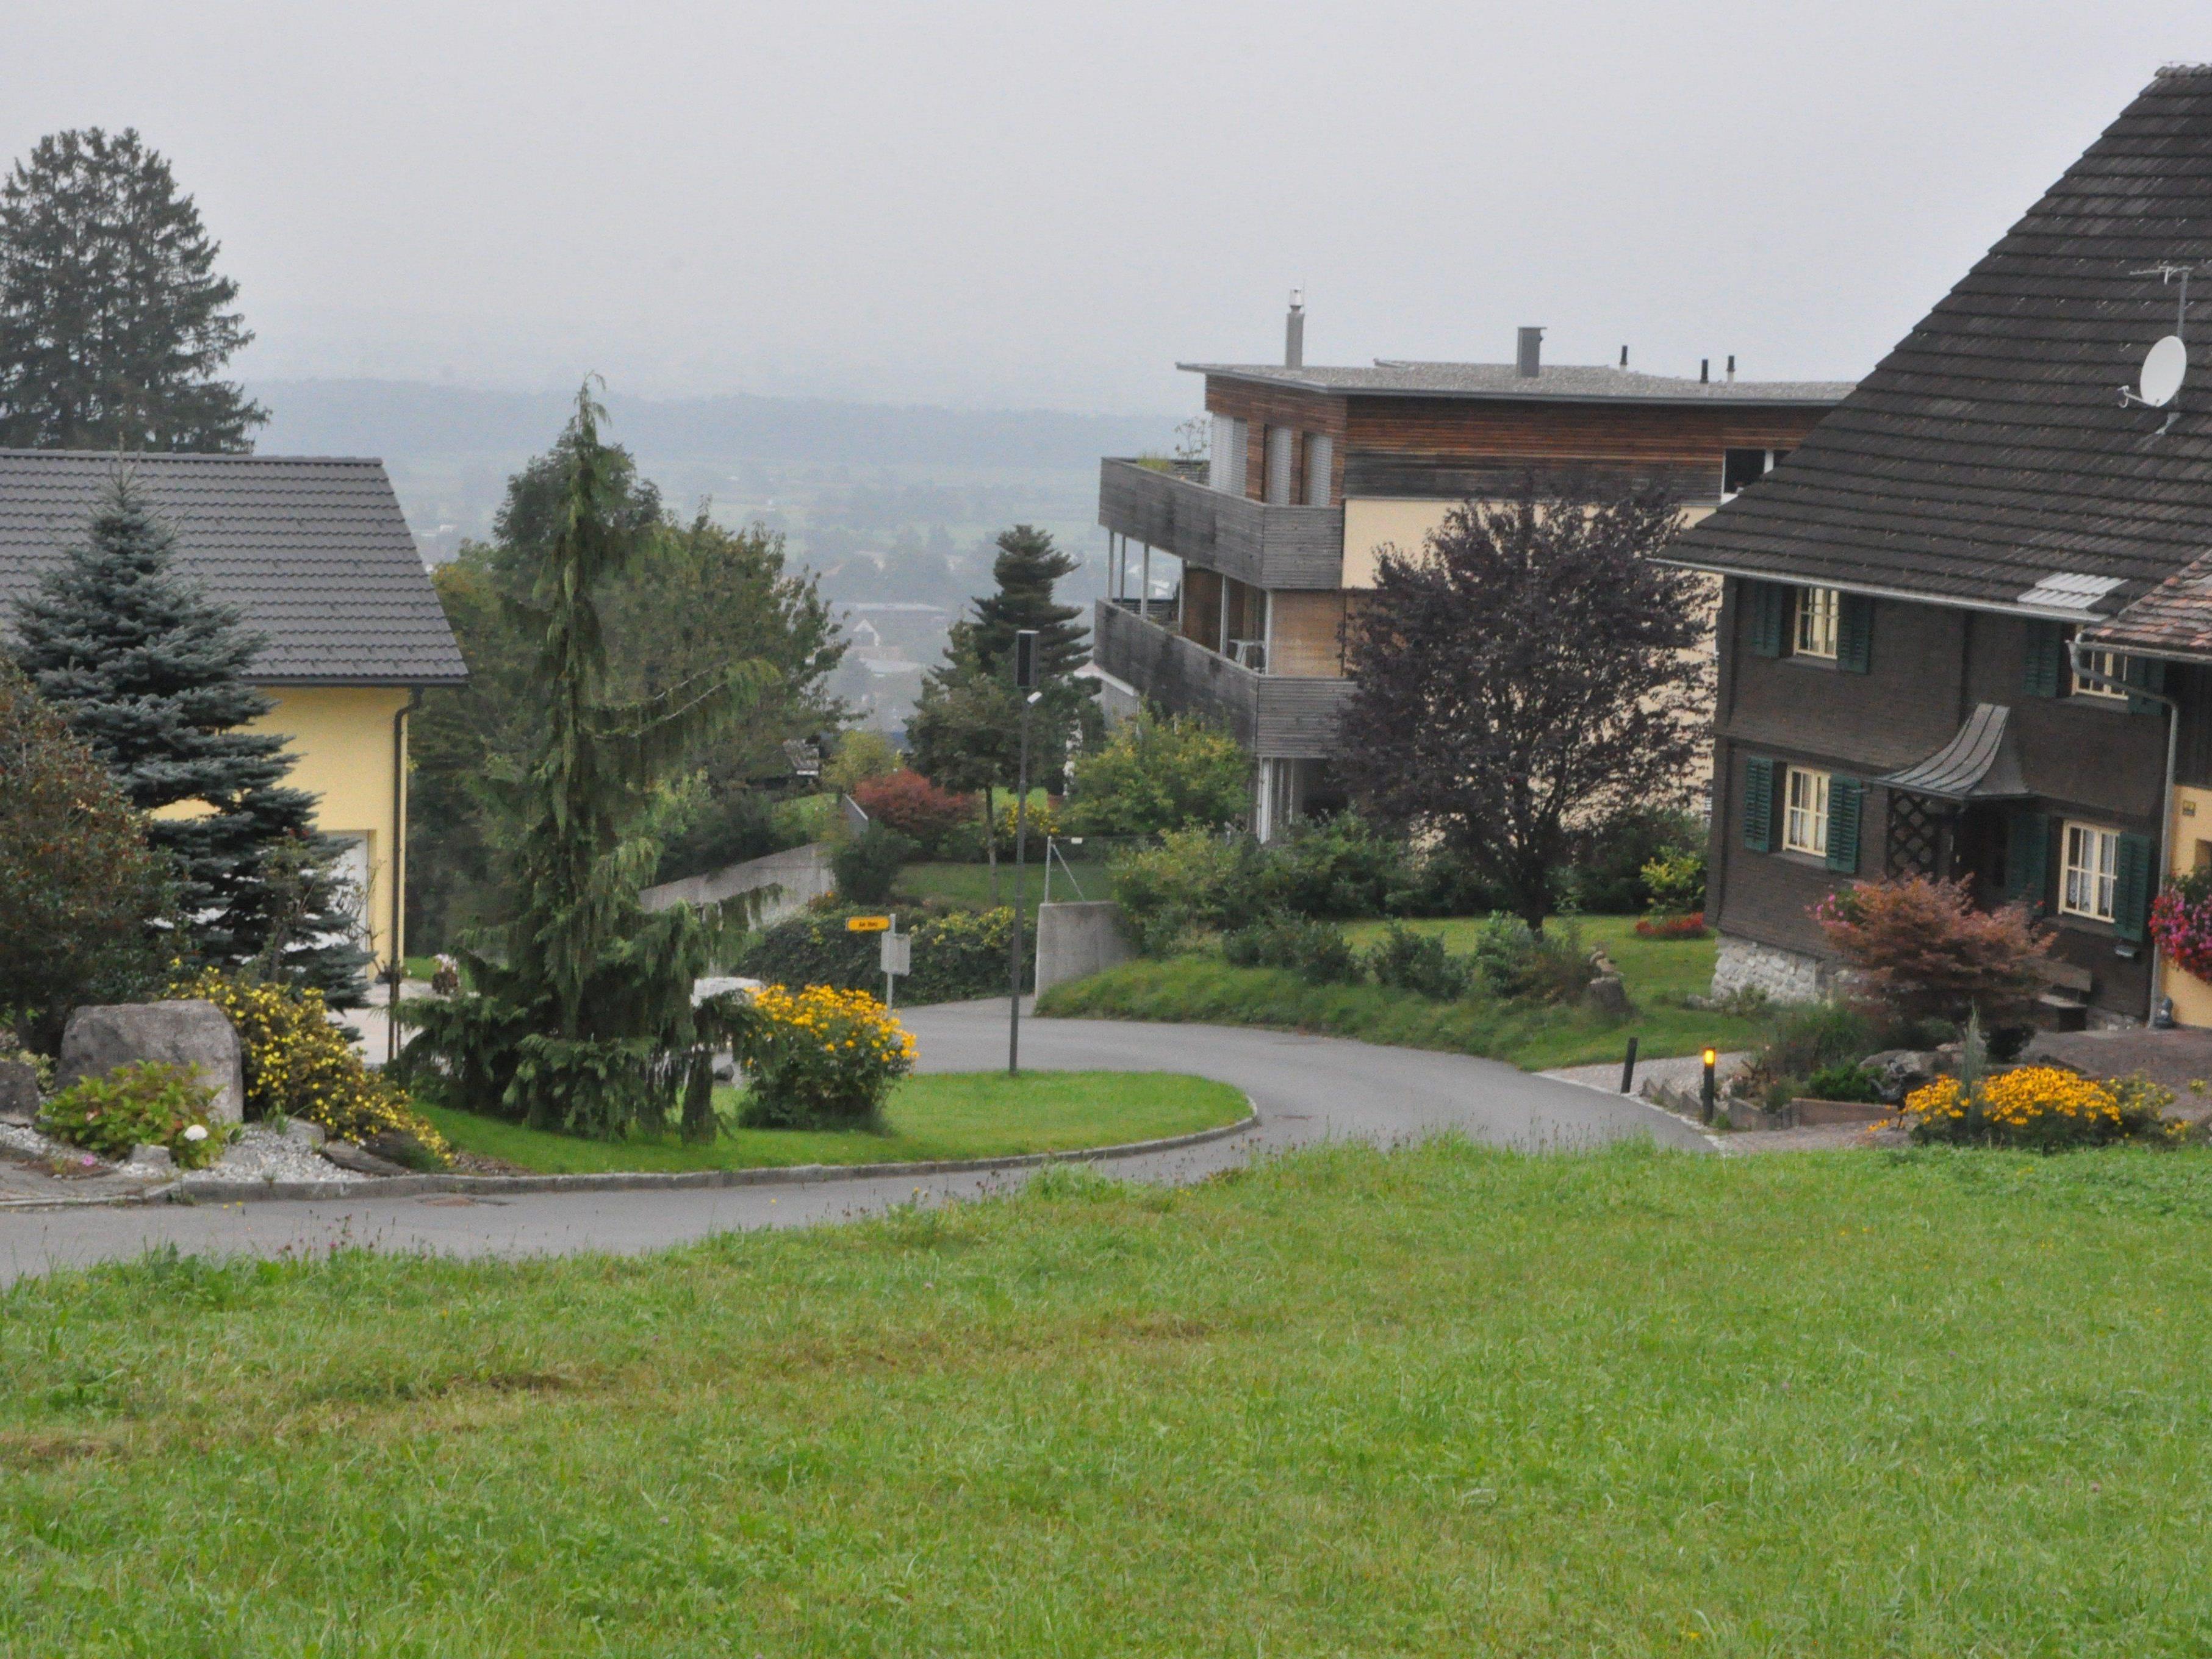 Die Bergstraße wird oft auch für den Ausweichverkehr genutzt, was die Situation verschärft.